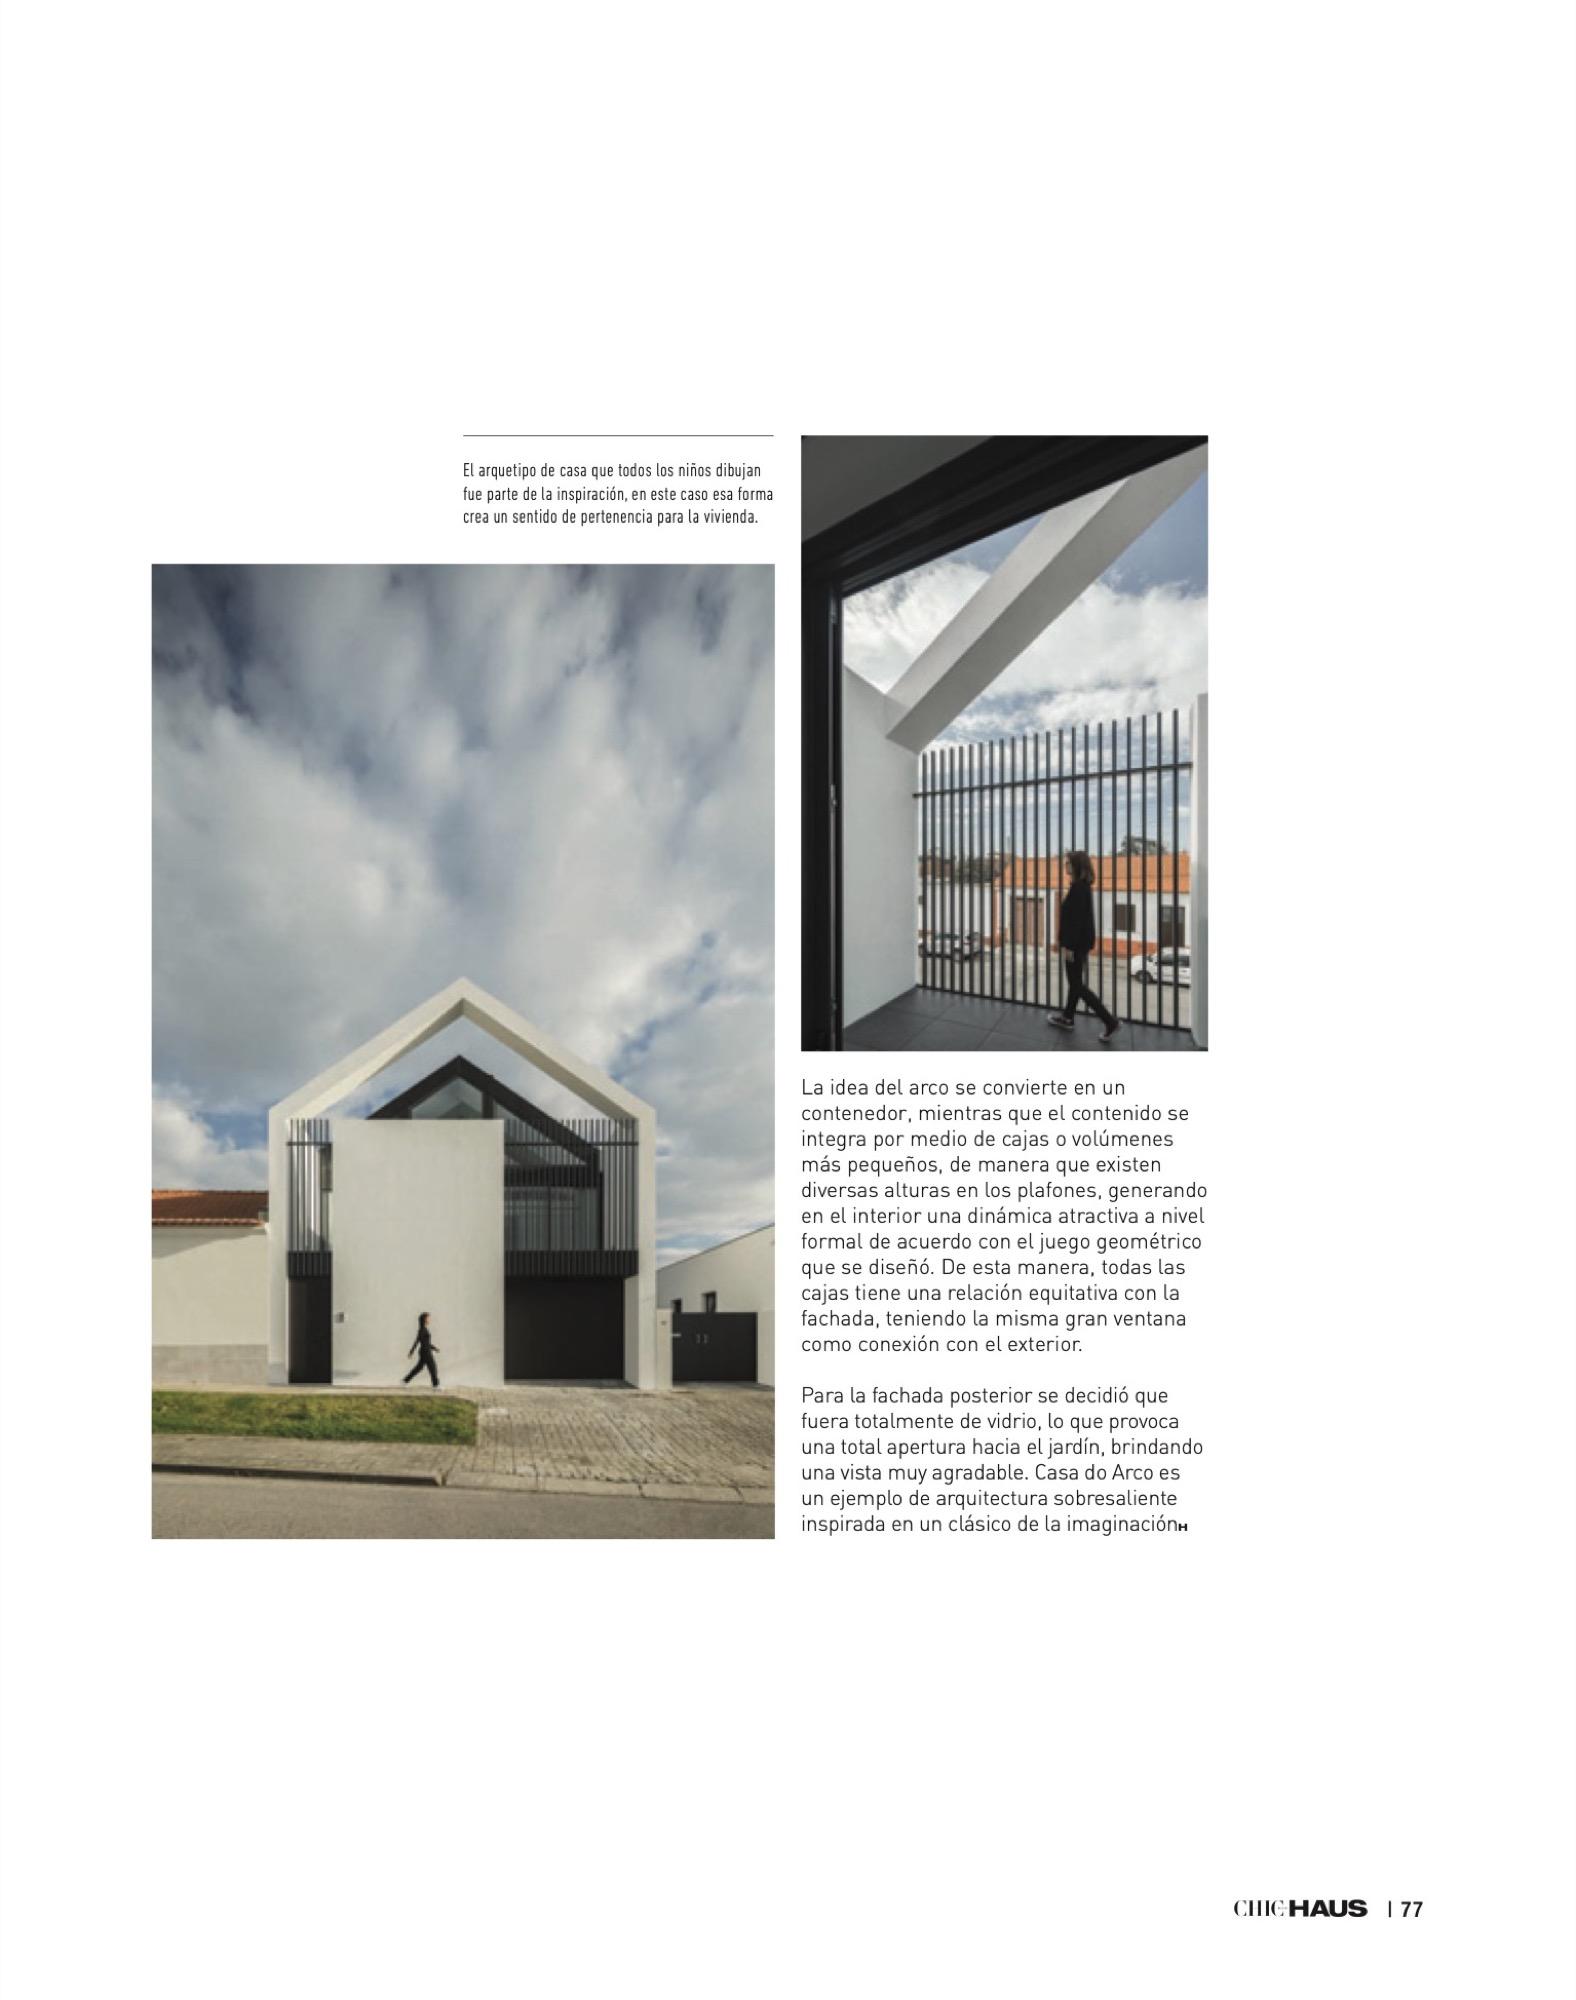 Chic Haus Magazine September Casa Arco Frari Arquitectura 233 77 do fotografo Ivo Tavares Studio